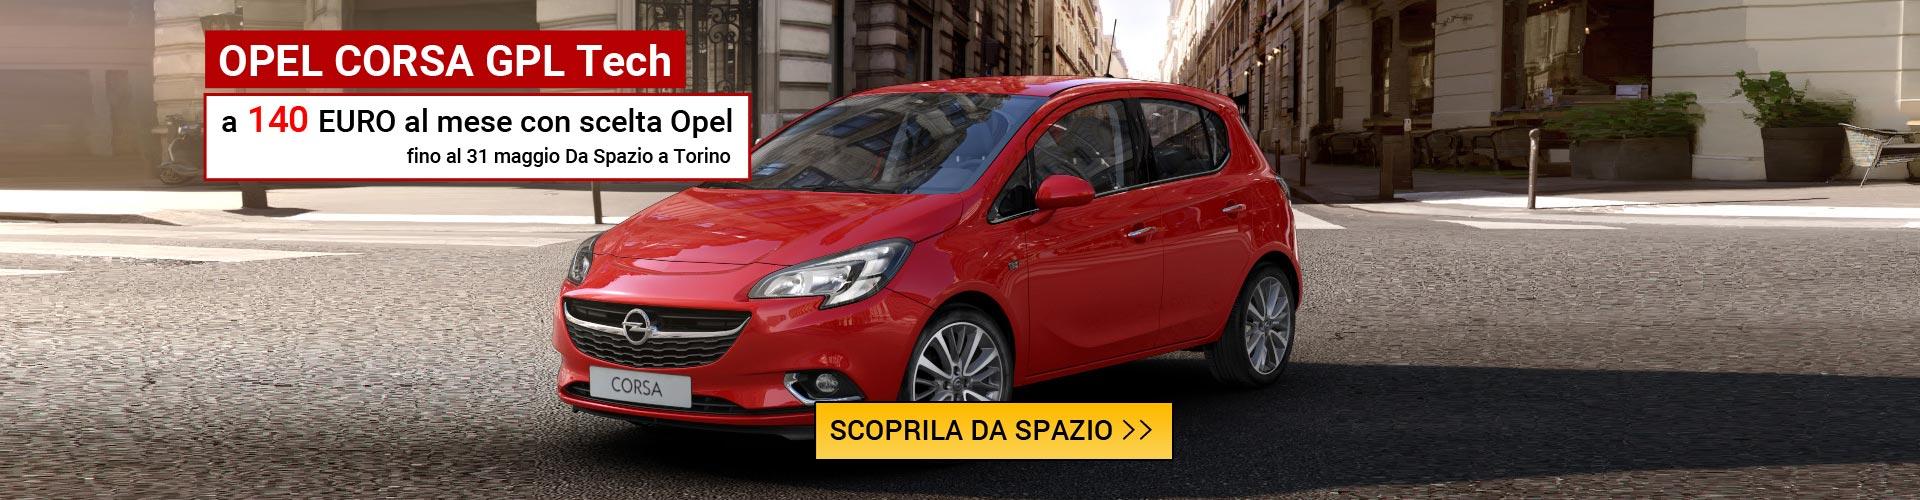 Opel Corsa Euro 6 da Spazio a Torino